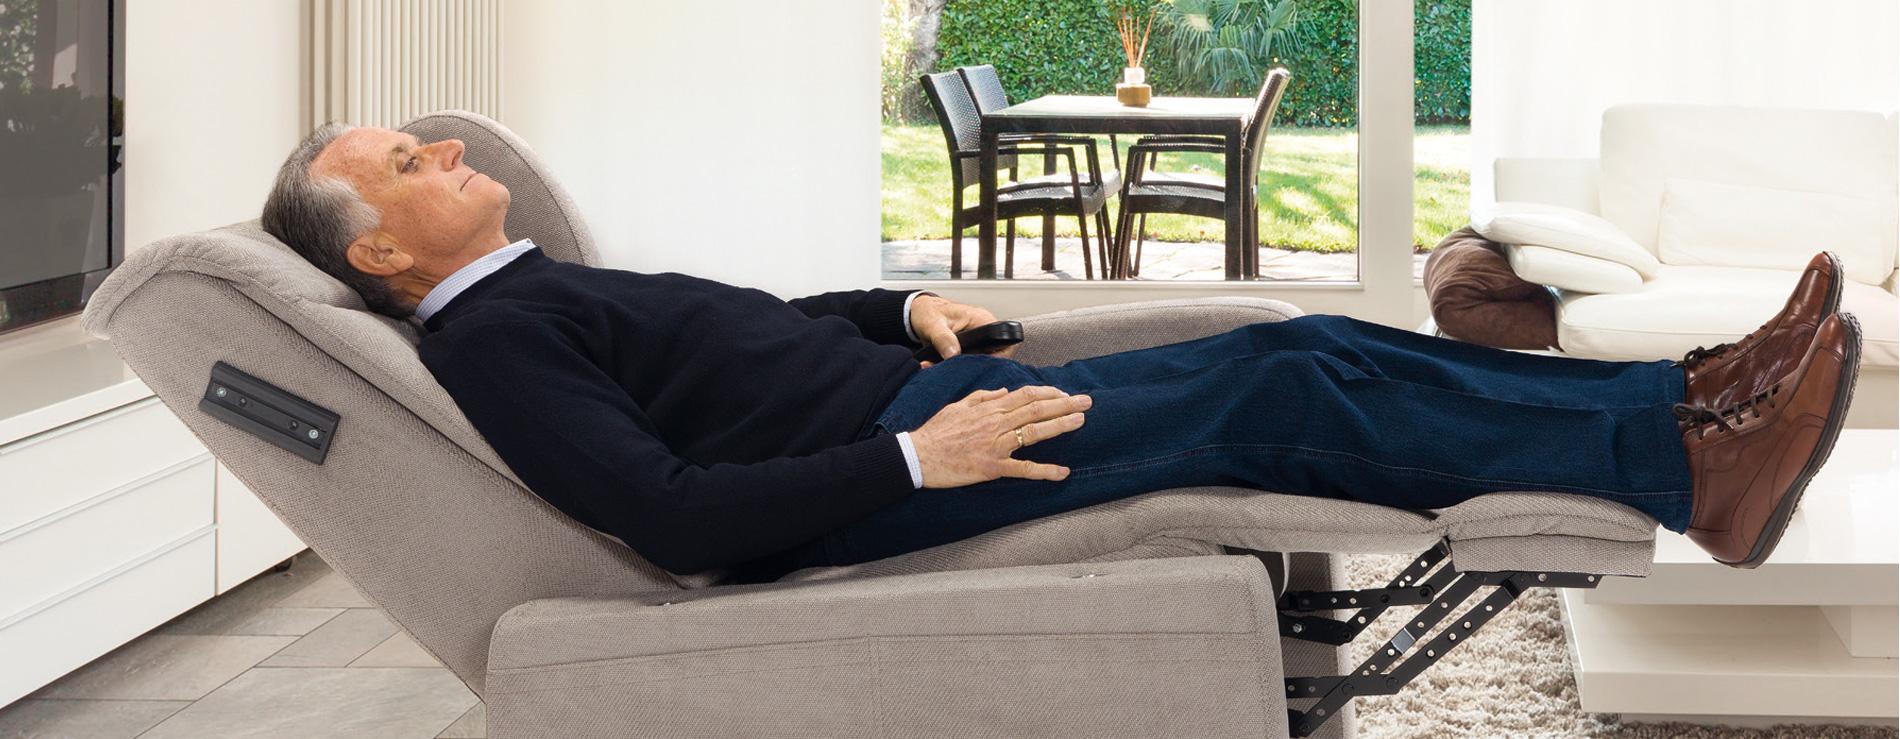 poltrone relax spazio relax